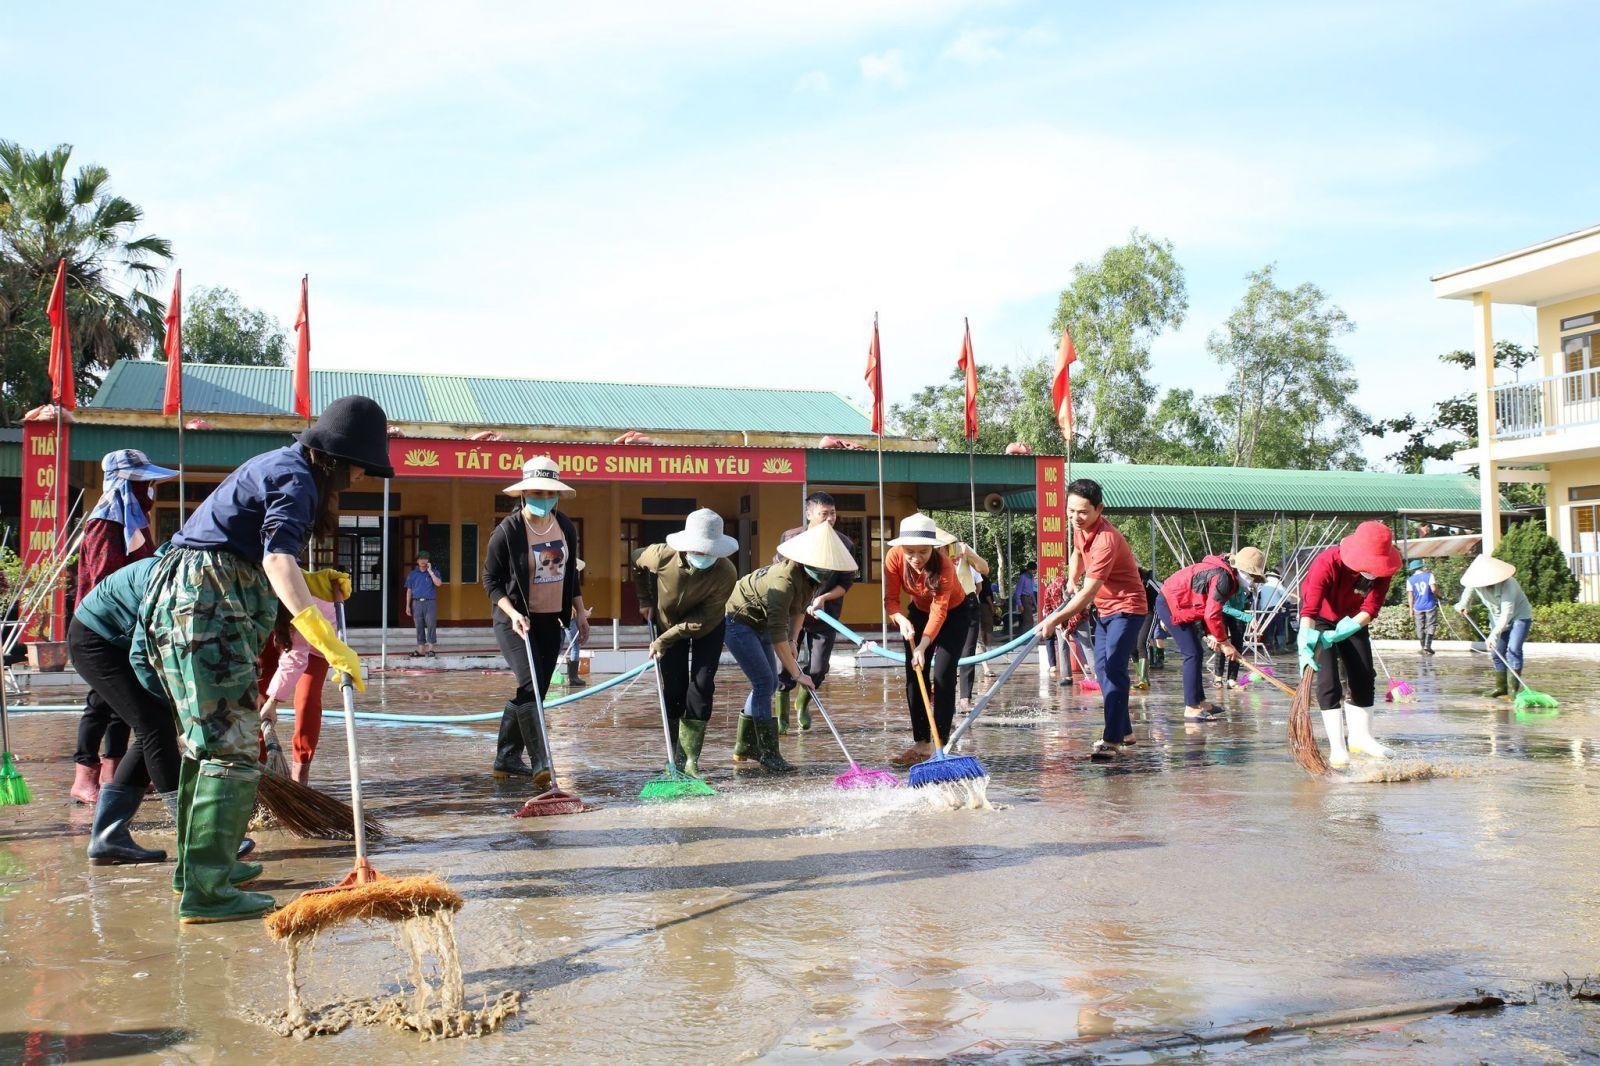 Tập trung xử lý môi trường, tuyên truyền phòng, chống dịch bệnh sau lũ lụt